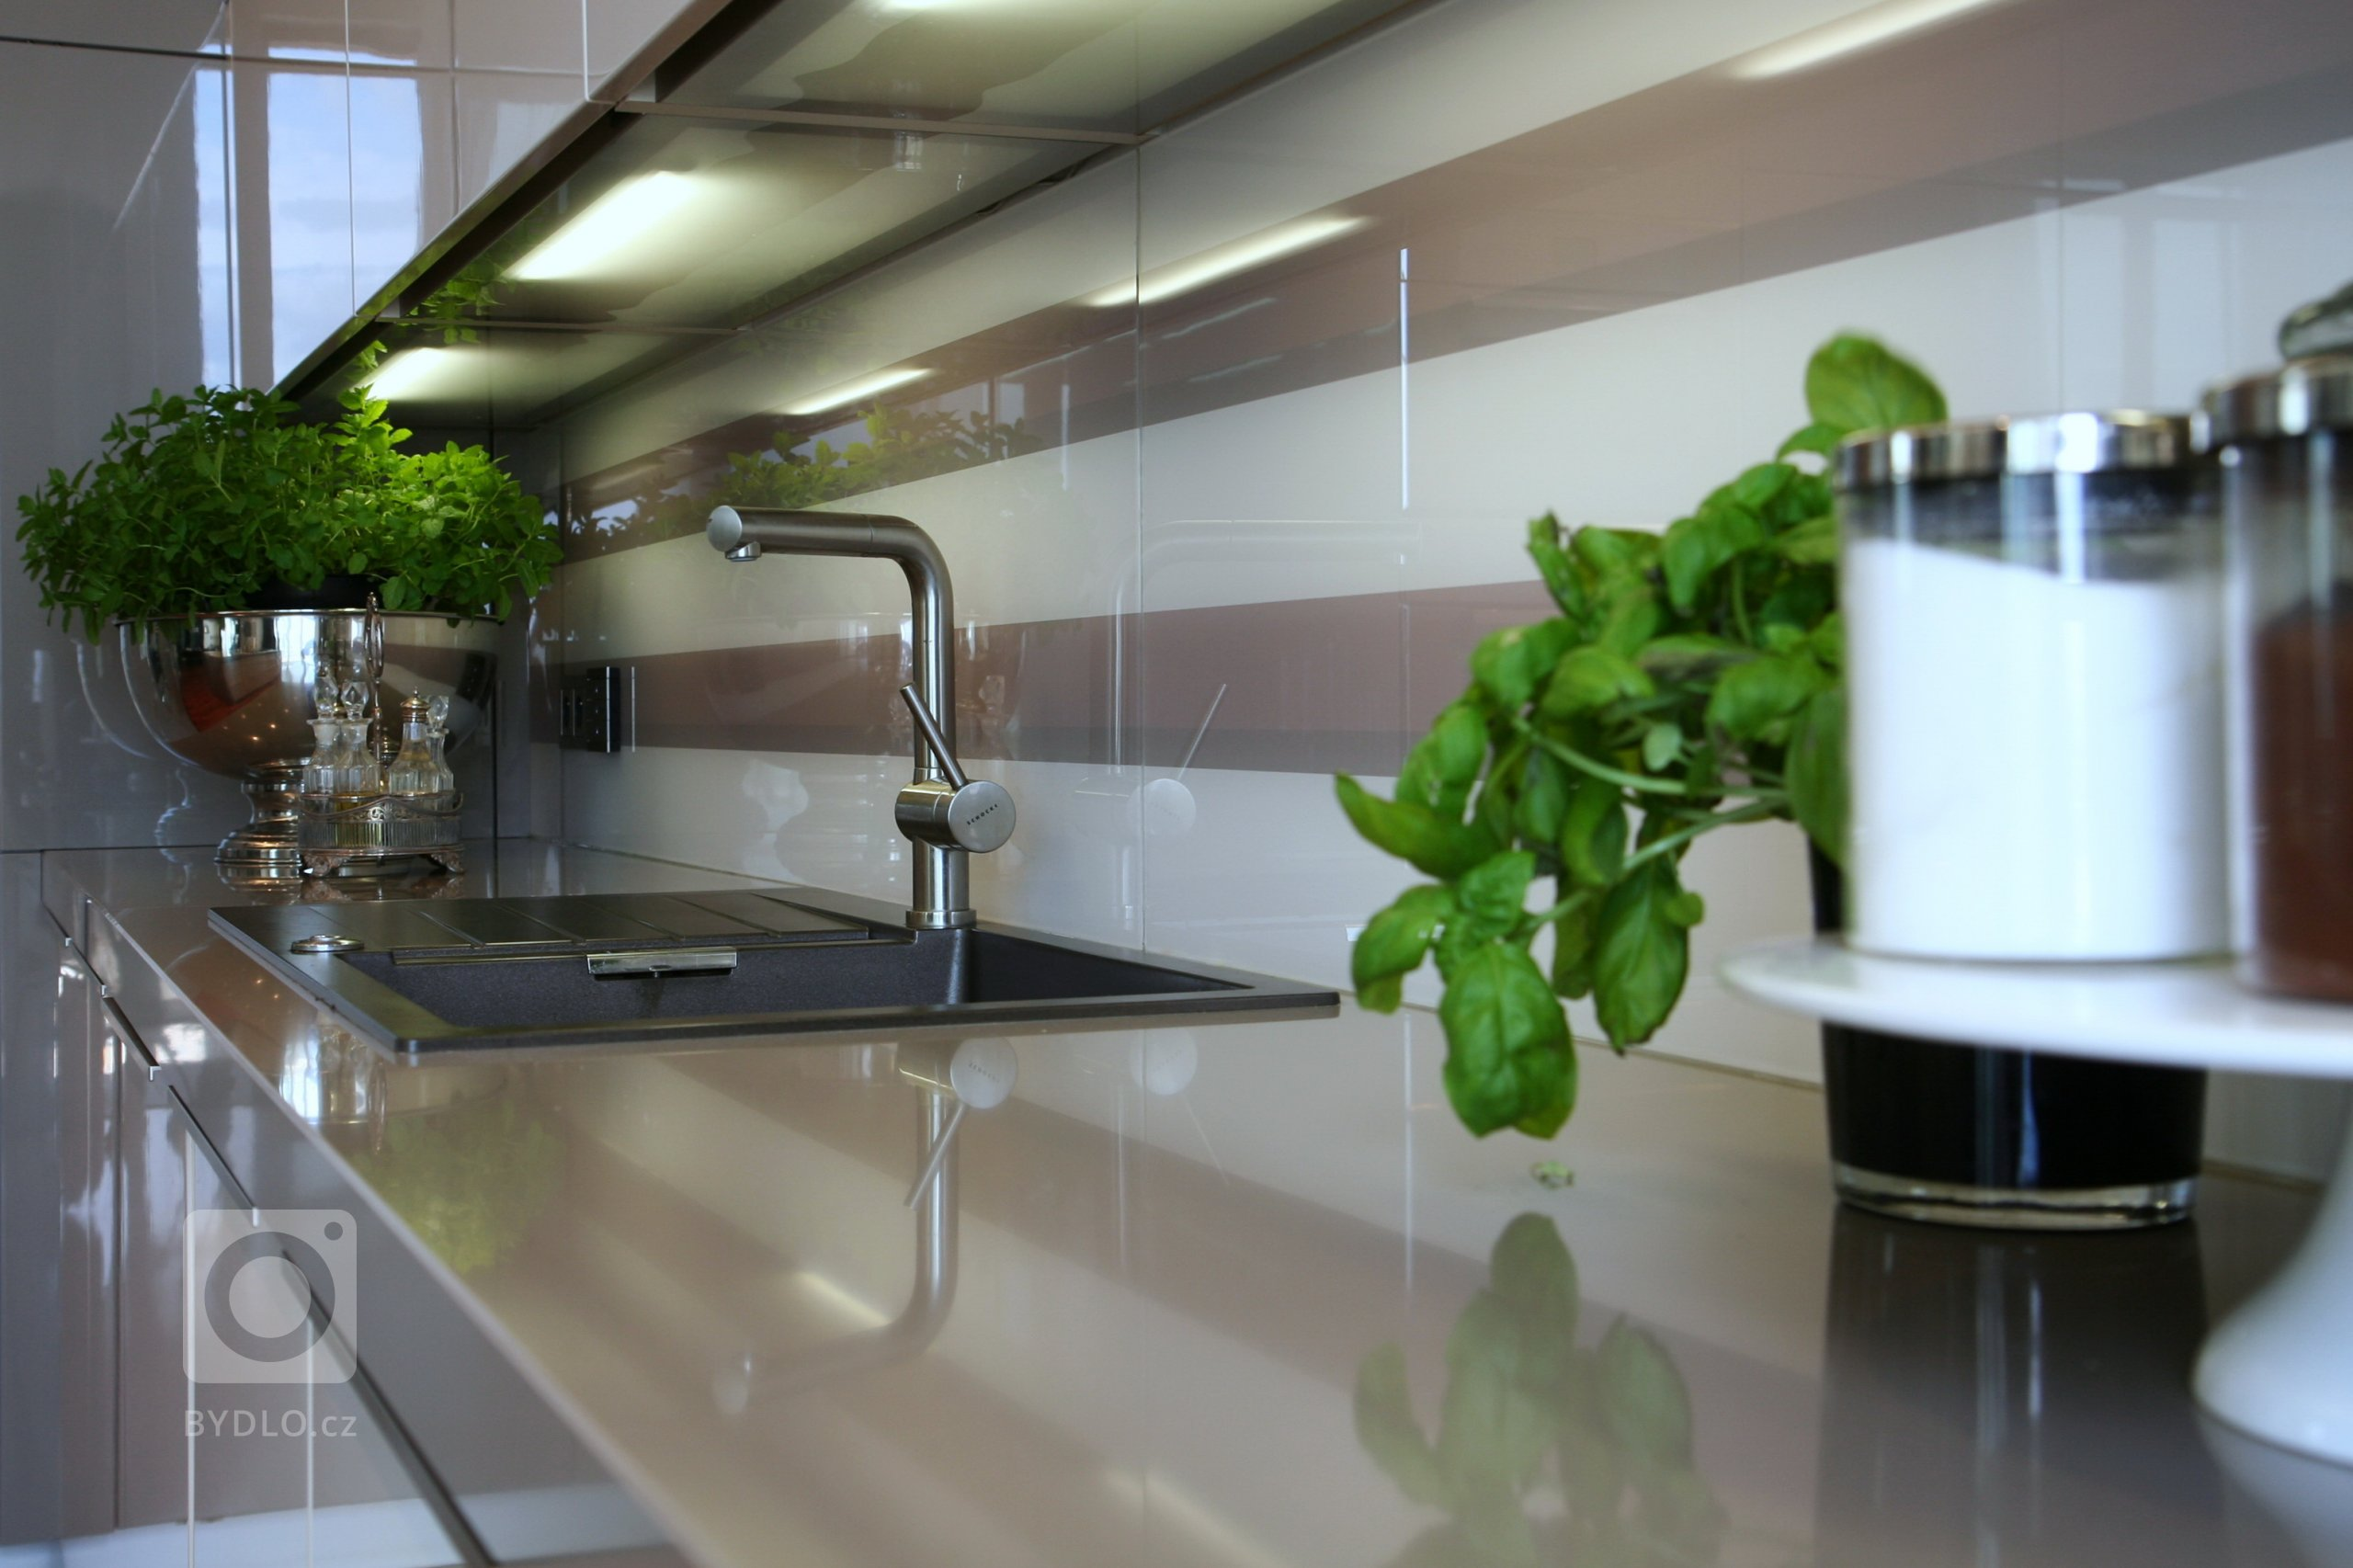 Kuchyně SCHÜLLER GALA -Sestava ve vysokoleském laku, ostrůvek s varným centrem, pracovní desky z technického kamene. Spotřebiče značky De Dietrich a…